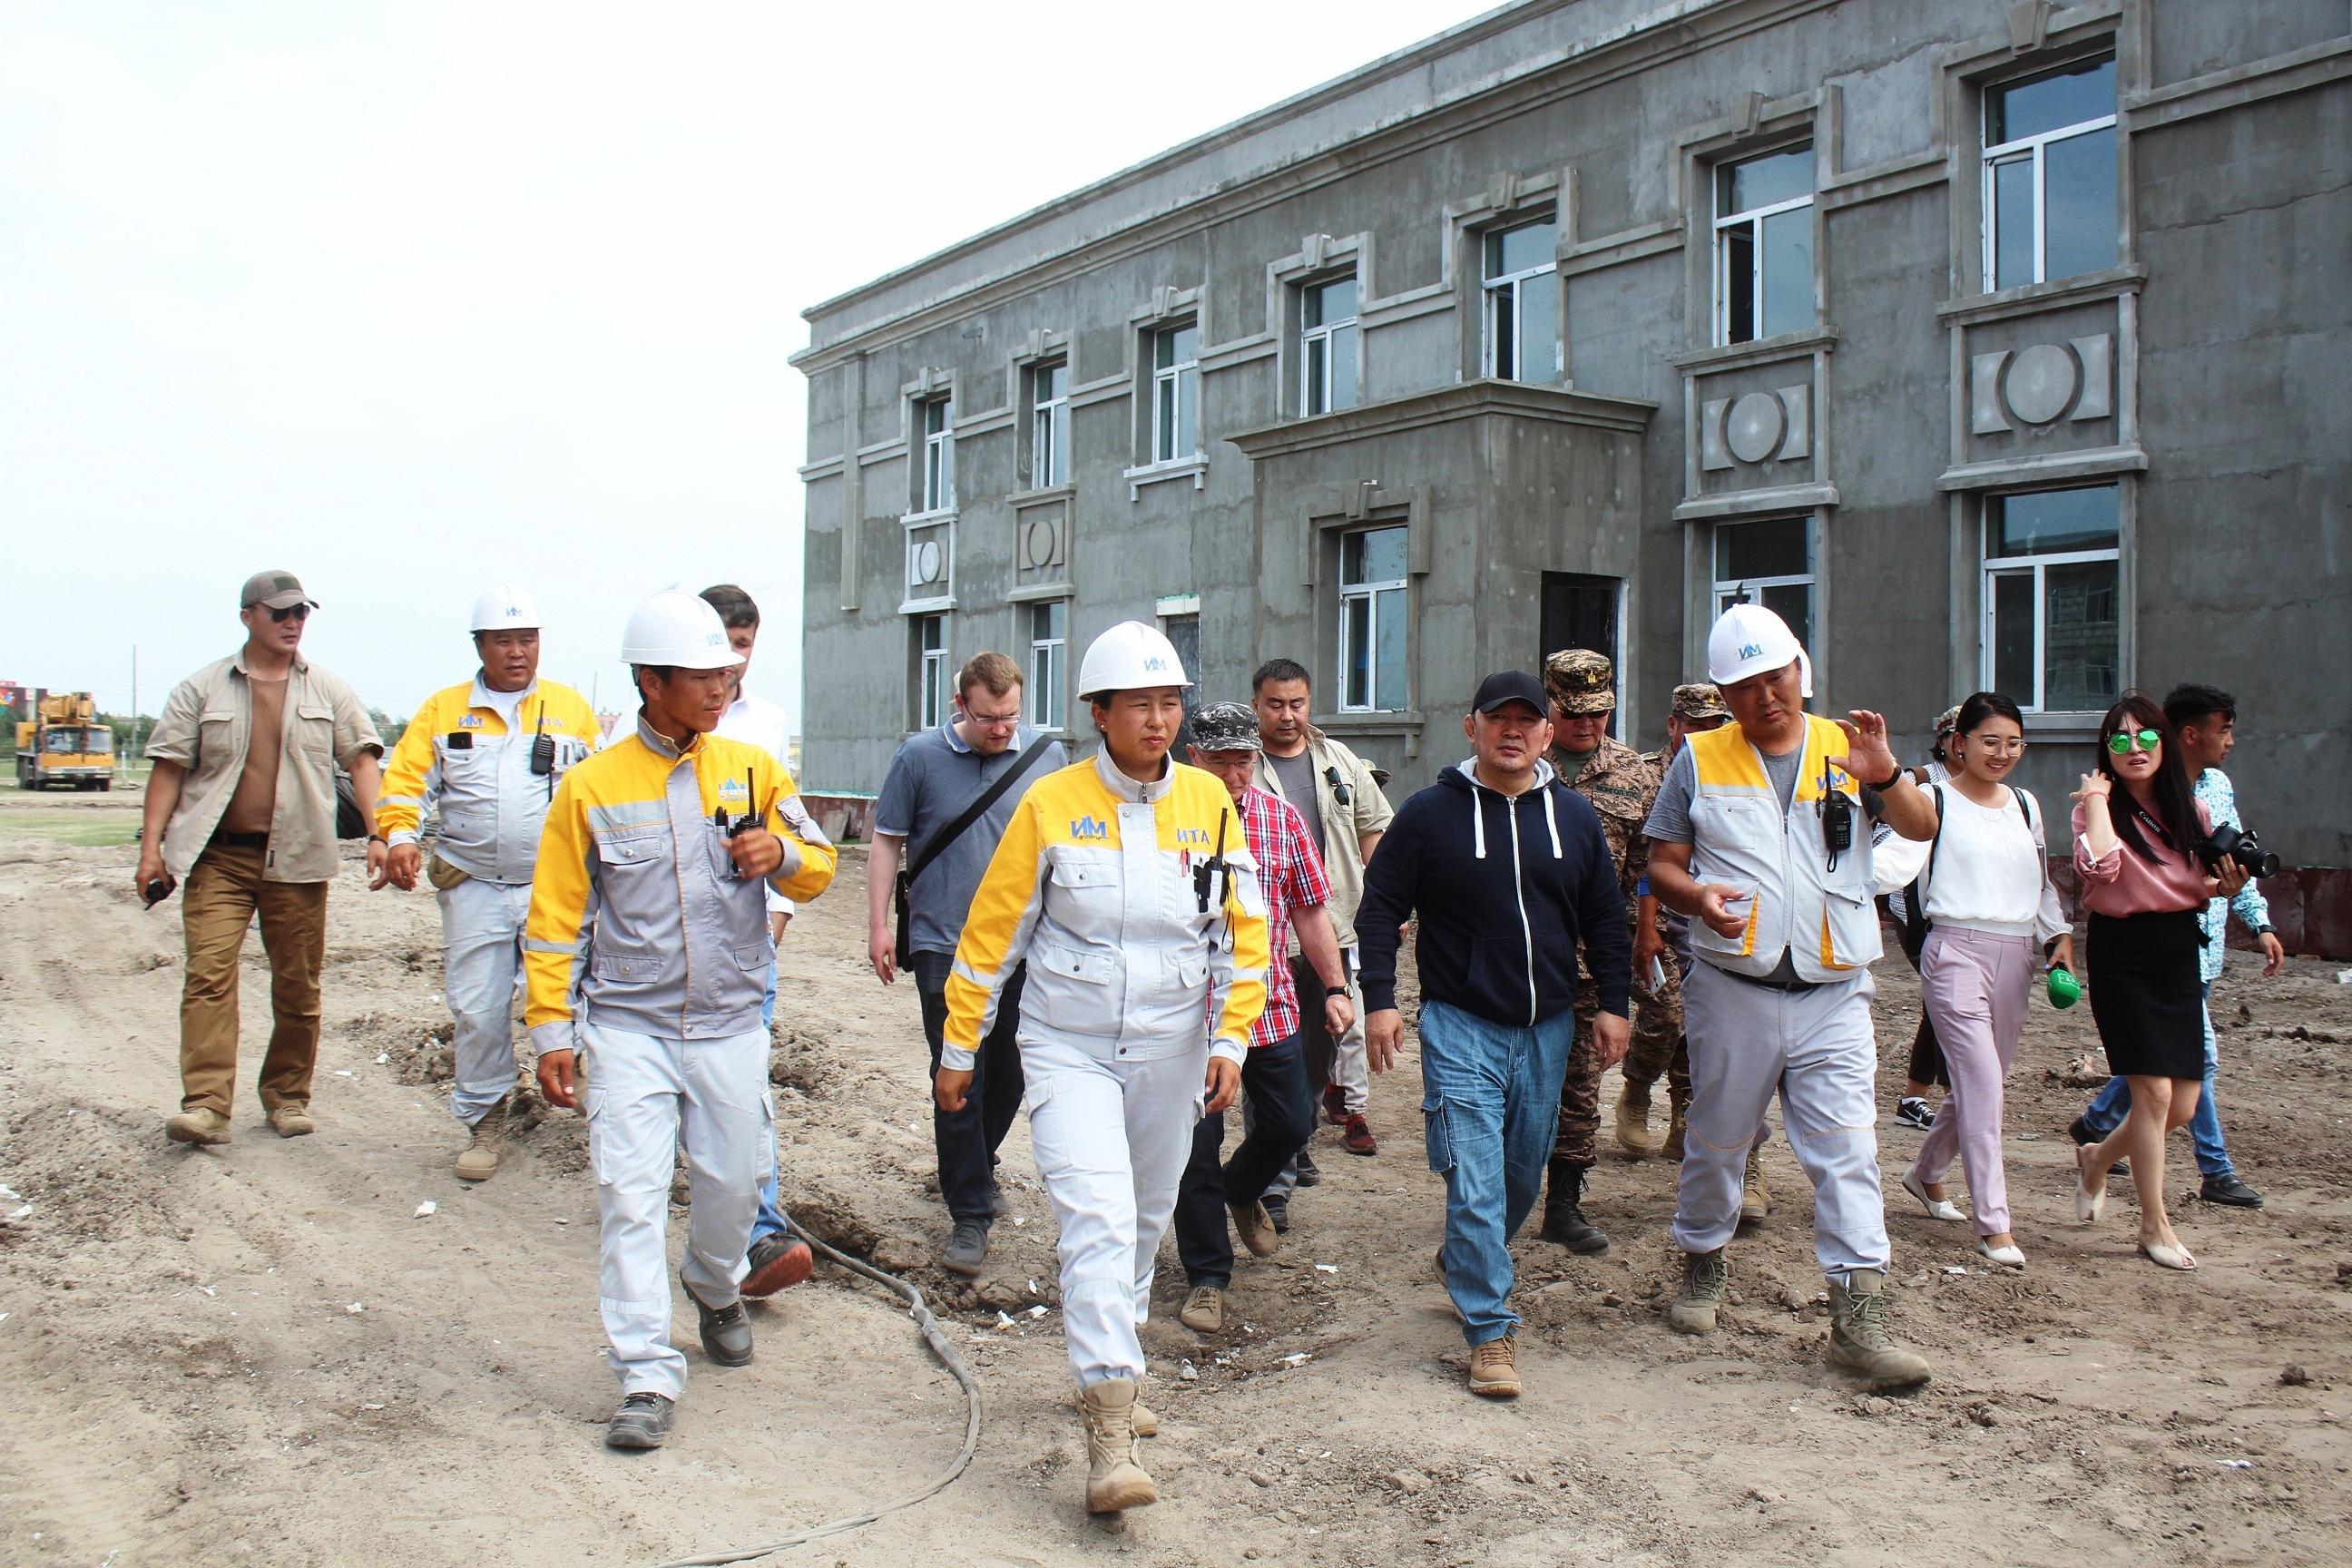 """Монгол Улсын Ерөнхийлөгч Х.Баттулга """"Шинэ сум"""" бүтээн байгуулалтын ажилтай танилцлаа"""